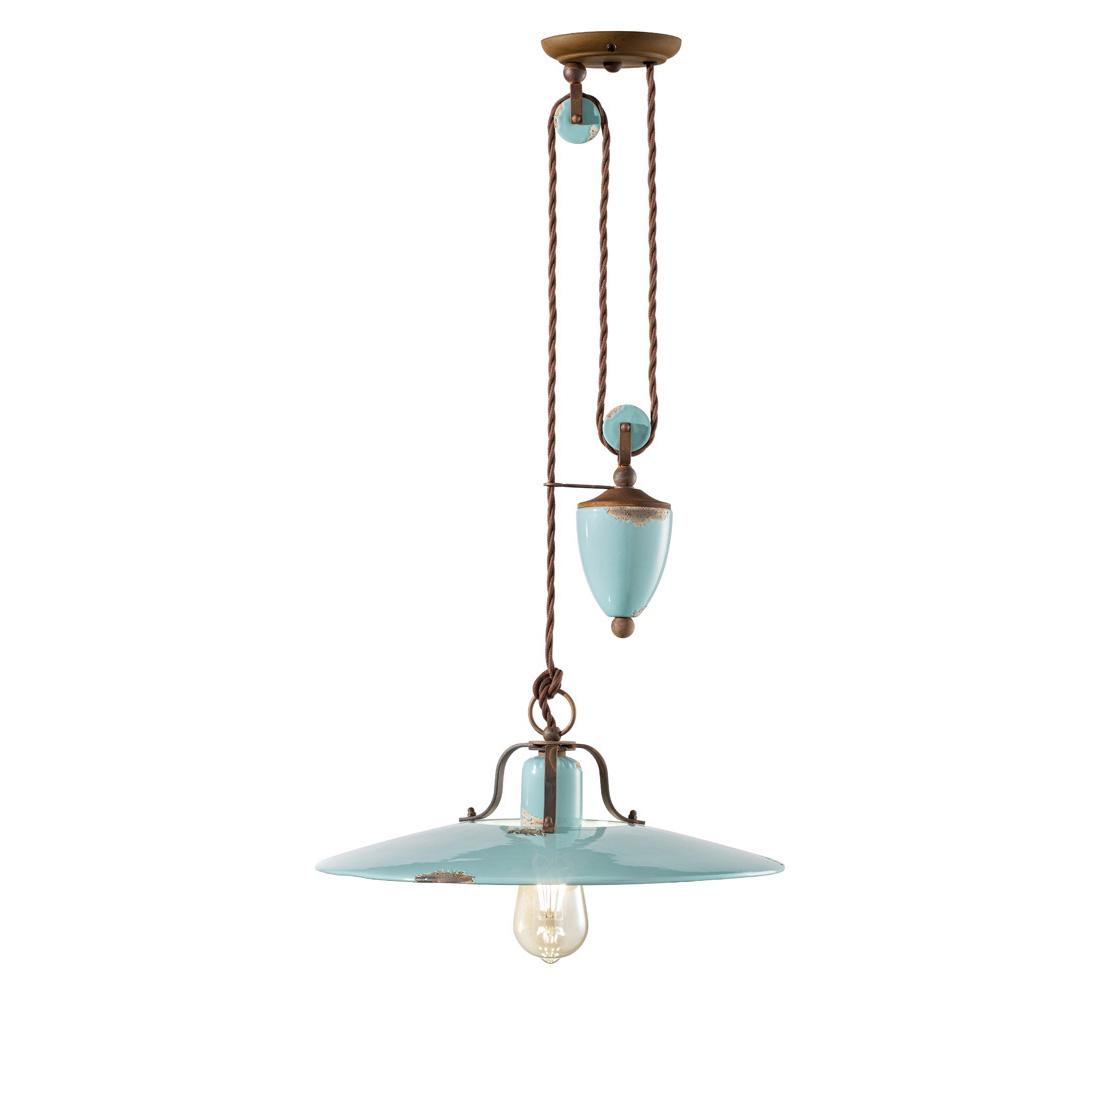 Κεραμικό φωτιστικό με βαρίδι VINTAGE ceramic pendant lamp